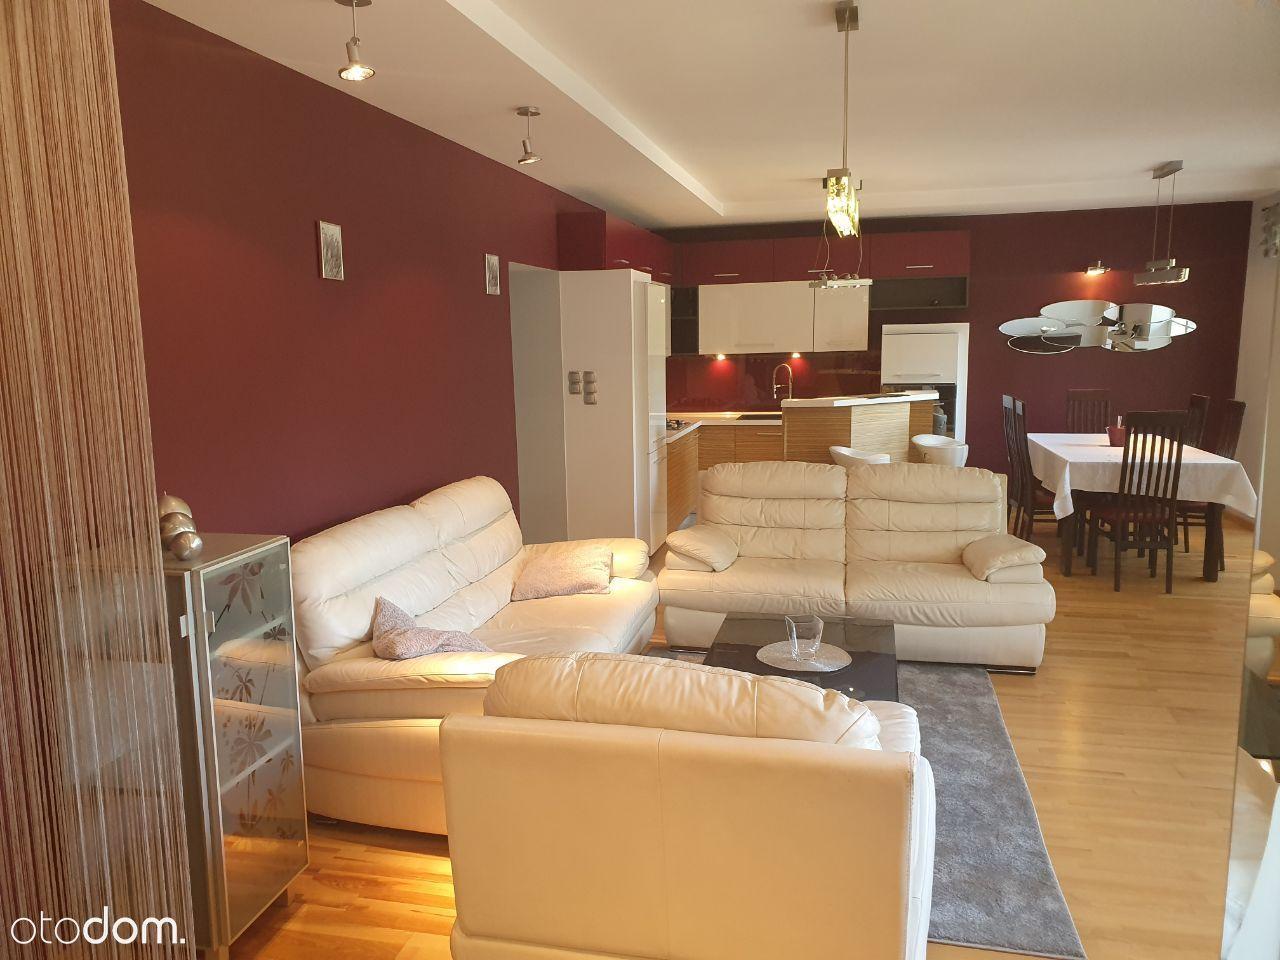 4 Pokoje Mieszkanie Na Wynajem Bydgoszcz Centrum 59570076 Wwwotodompl